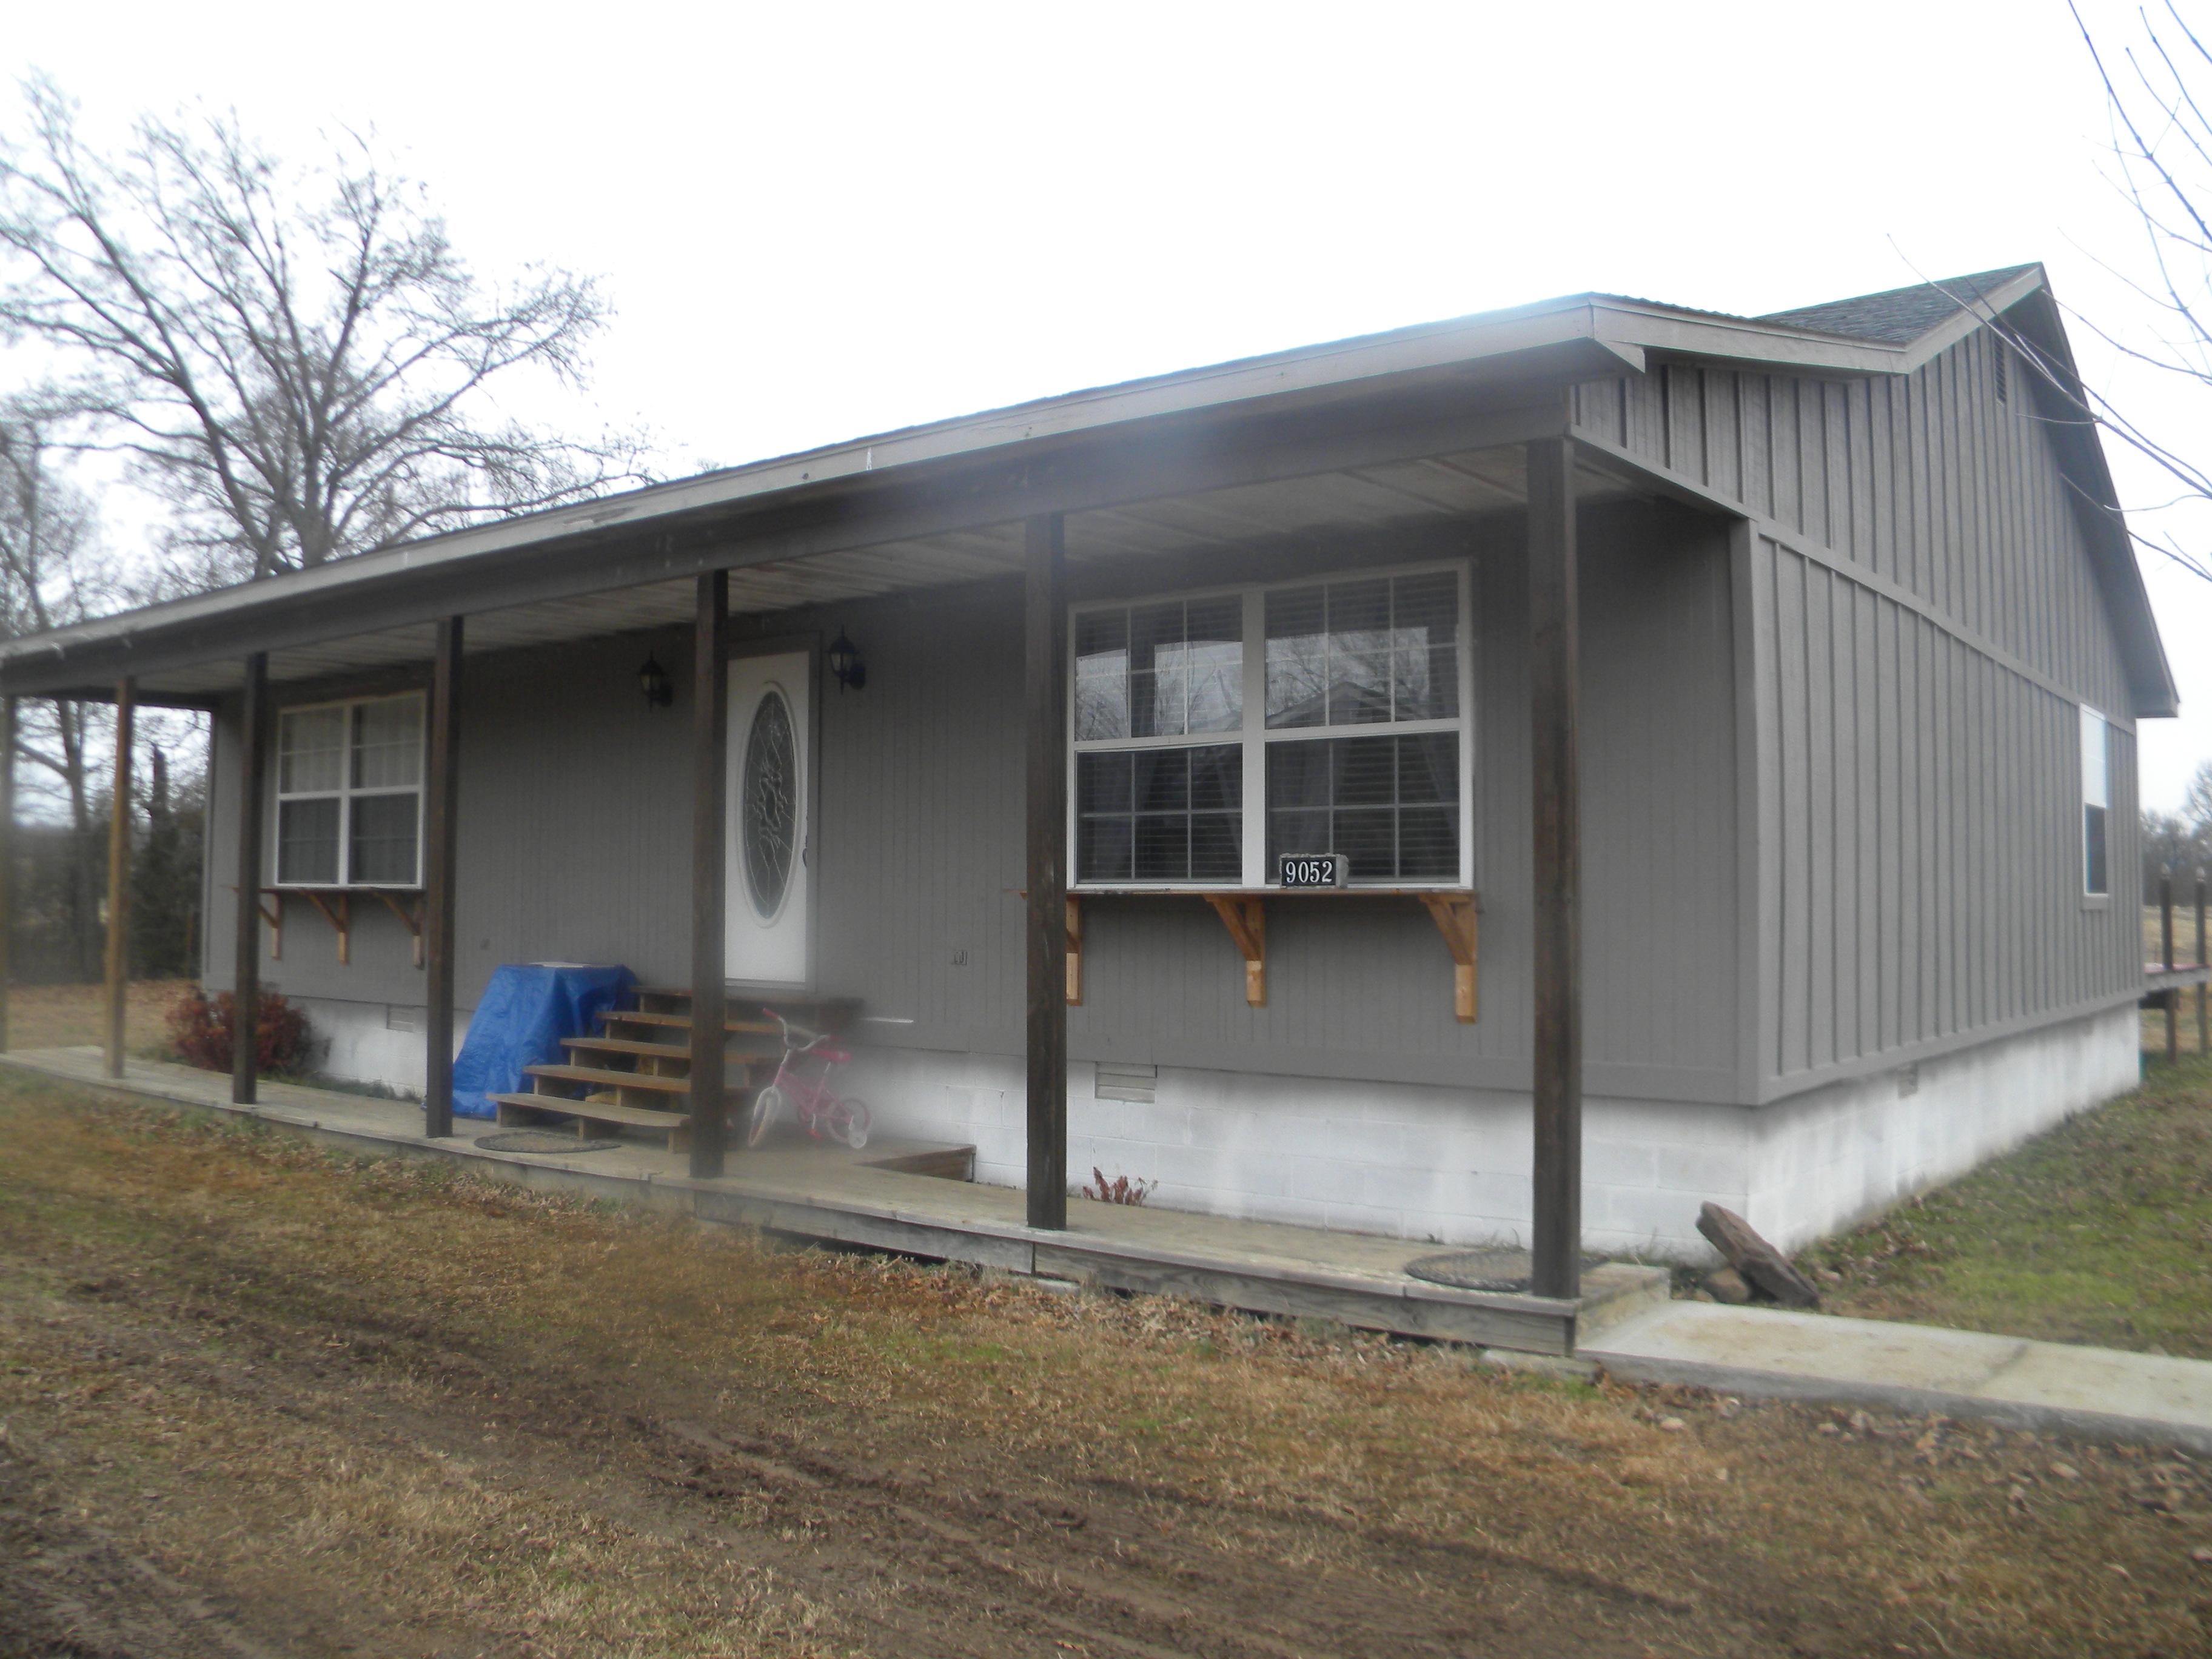 9048 & 9052 Hwy 64, Hartman, Arkansas 72840